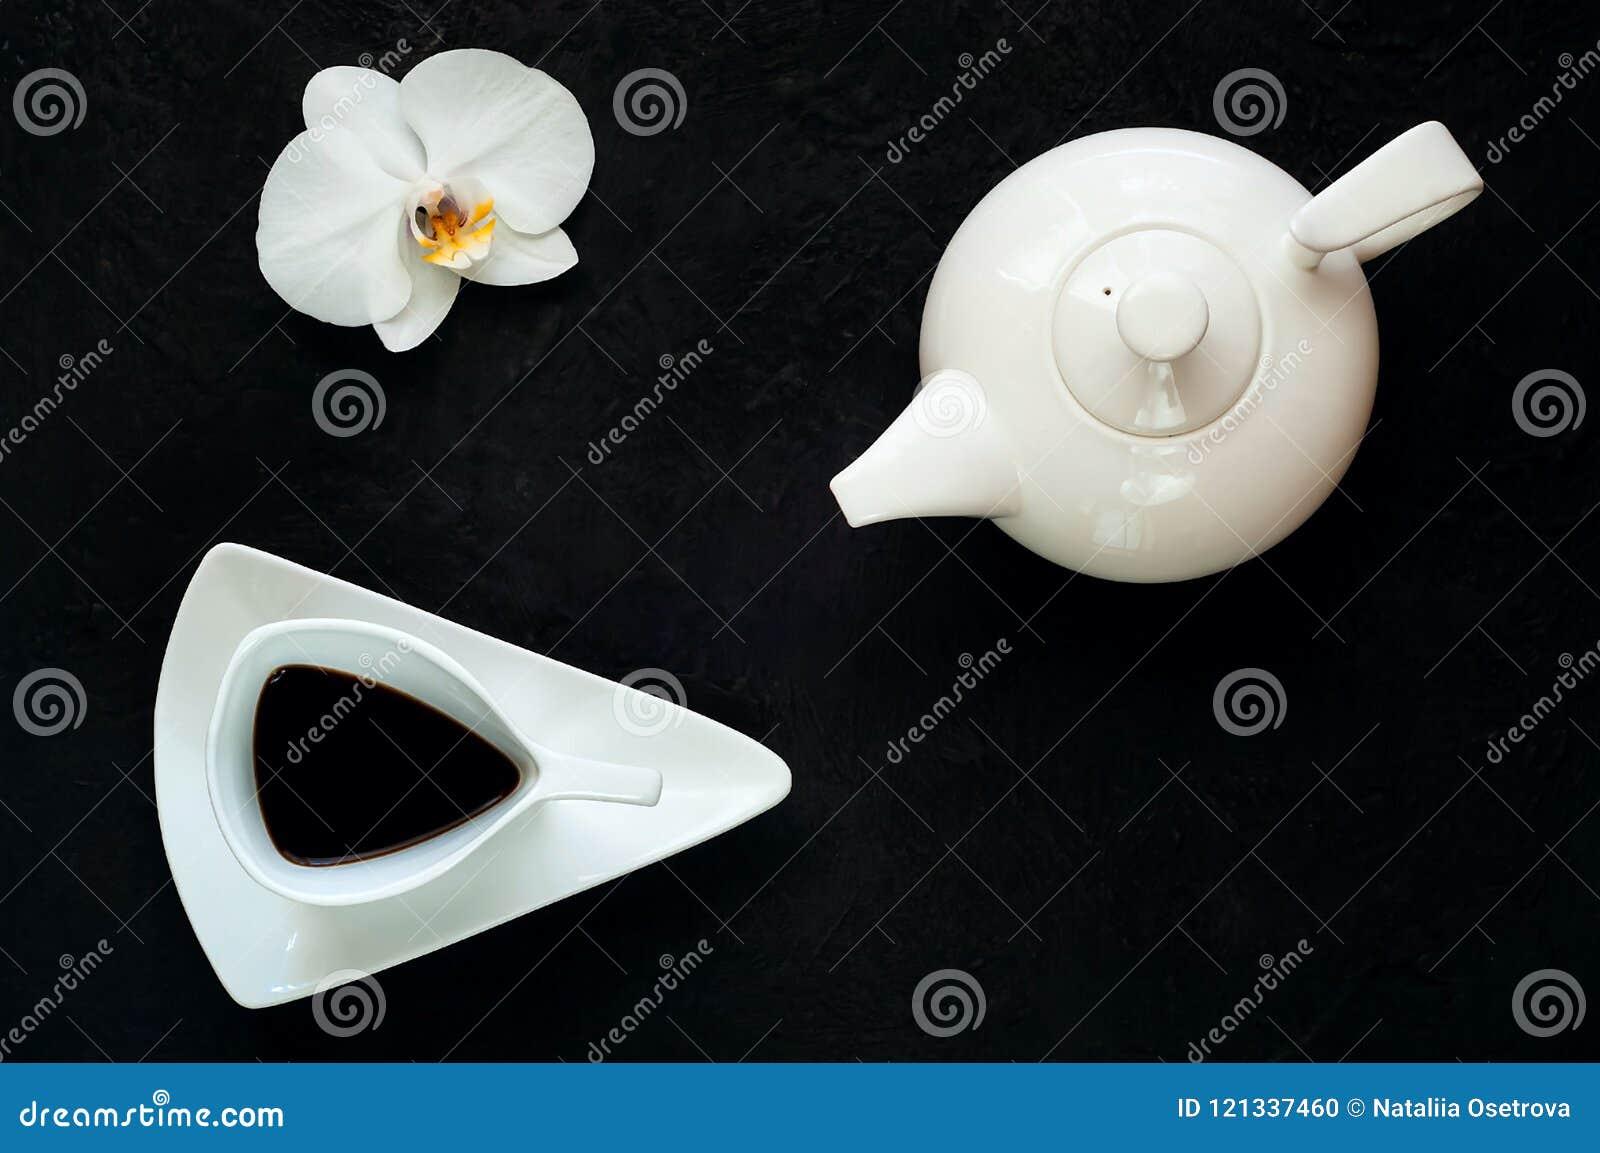 De theepot en de uitstekende witte ceramische kop met thee op donkere achtergrond met orchidee bloeien, kopiëren ruimte, close-up